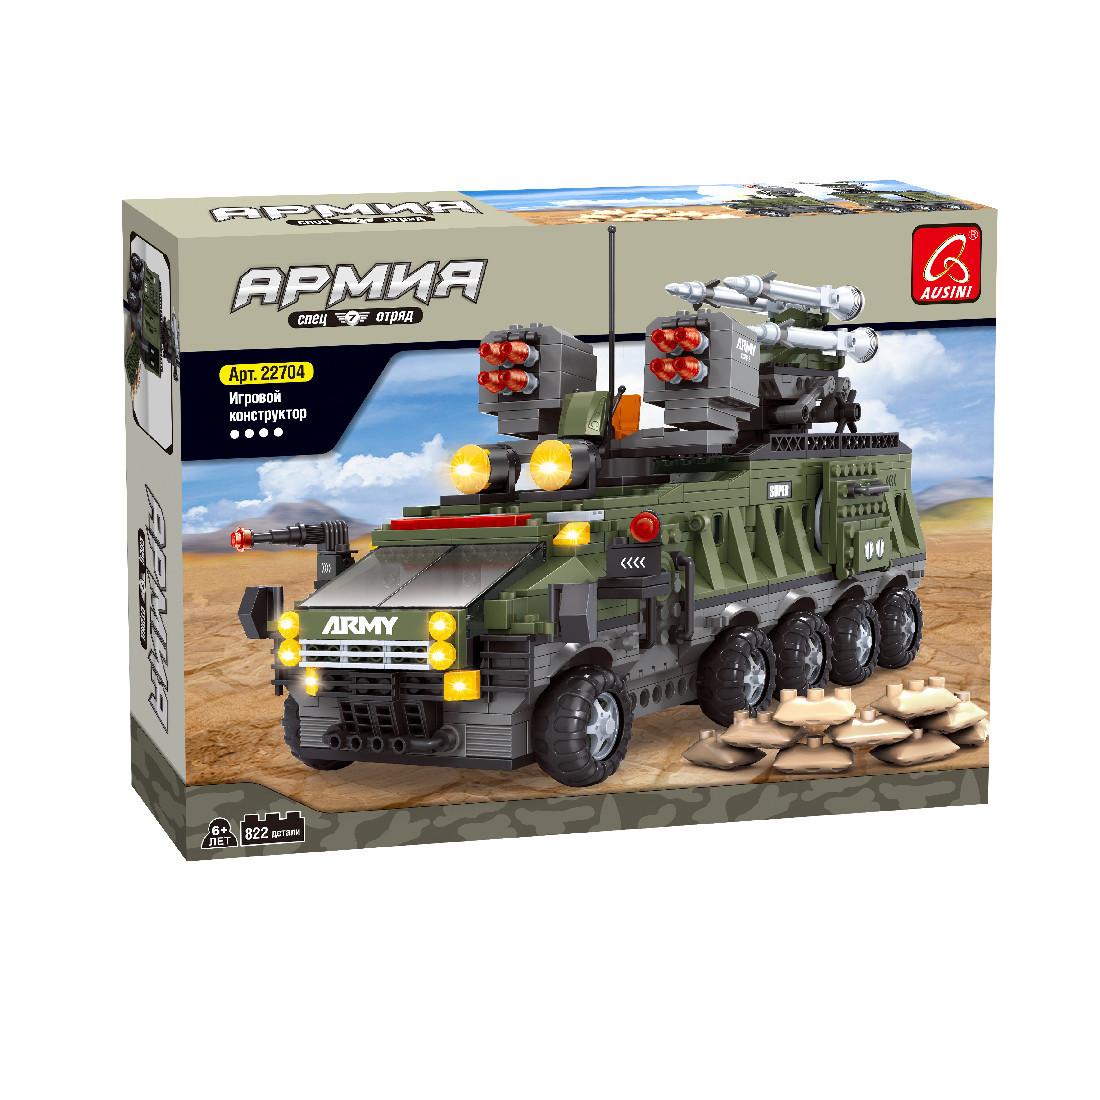 Игровой конструктор Ausini 22704 Армия Зенитная мобильная ракетная установка 822 детали Цветная коробка